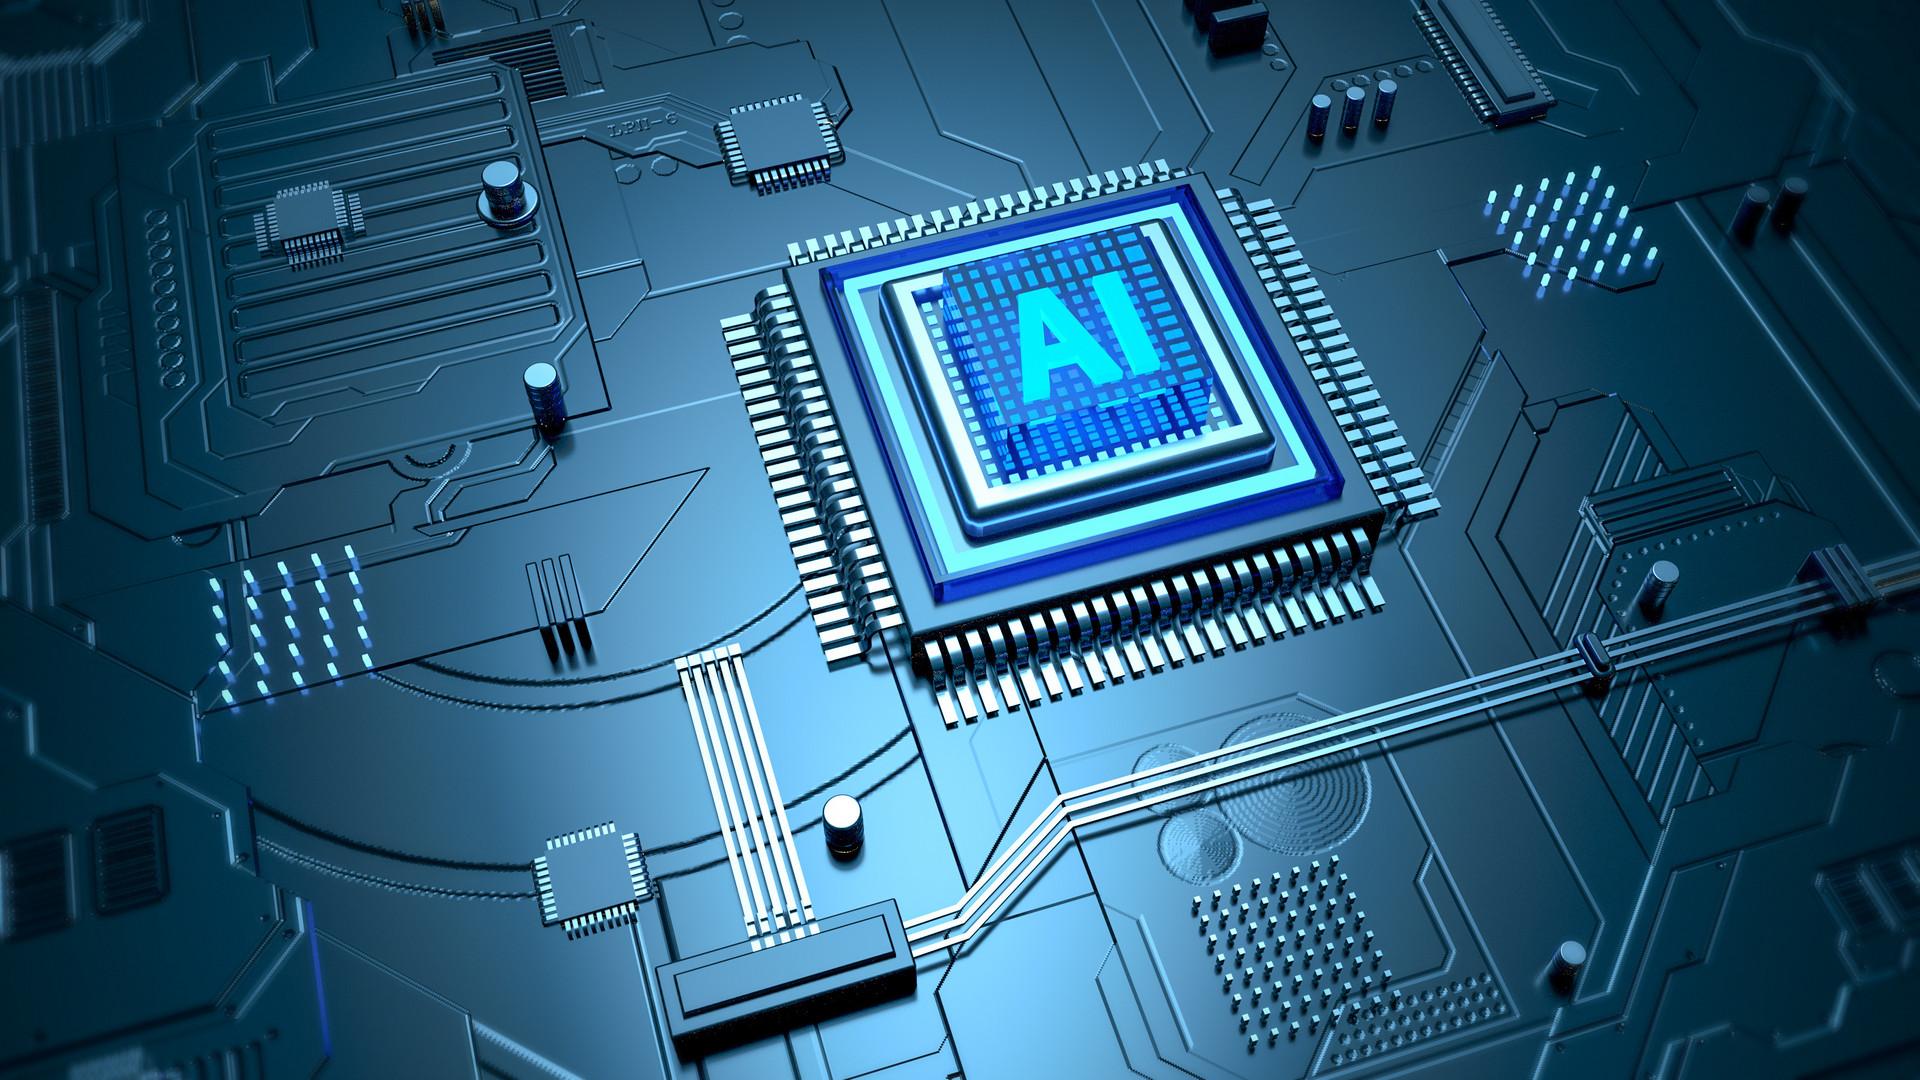 博世携手宁德时代达成电芯领域长期战略合作